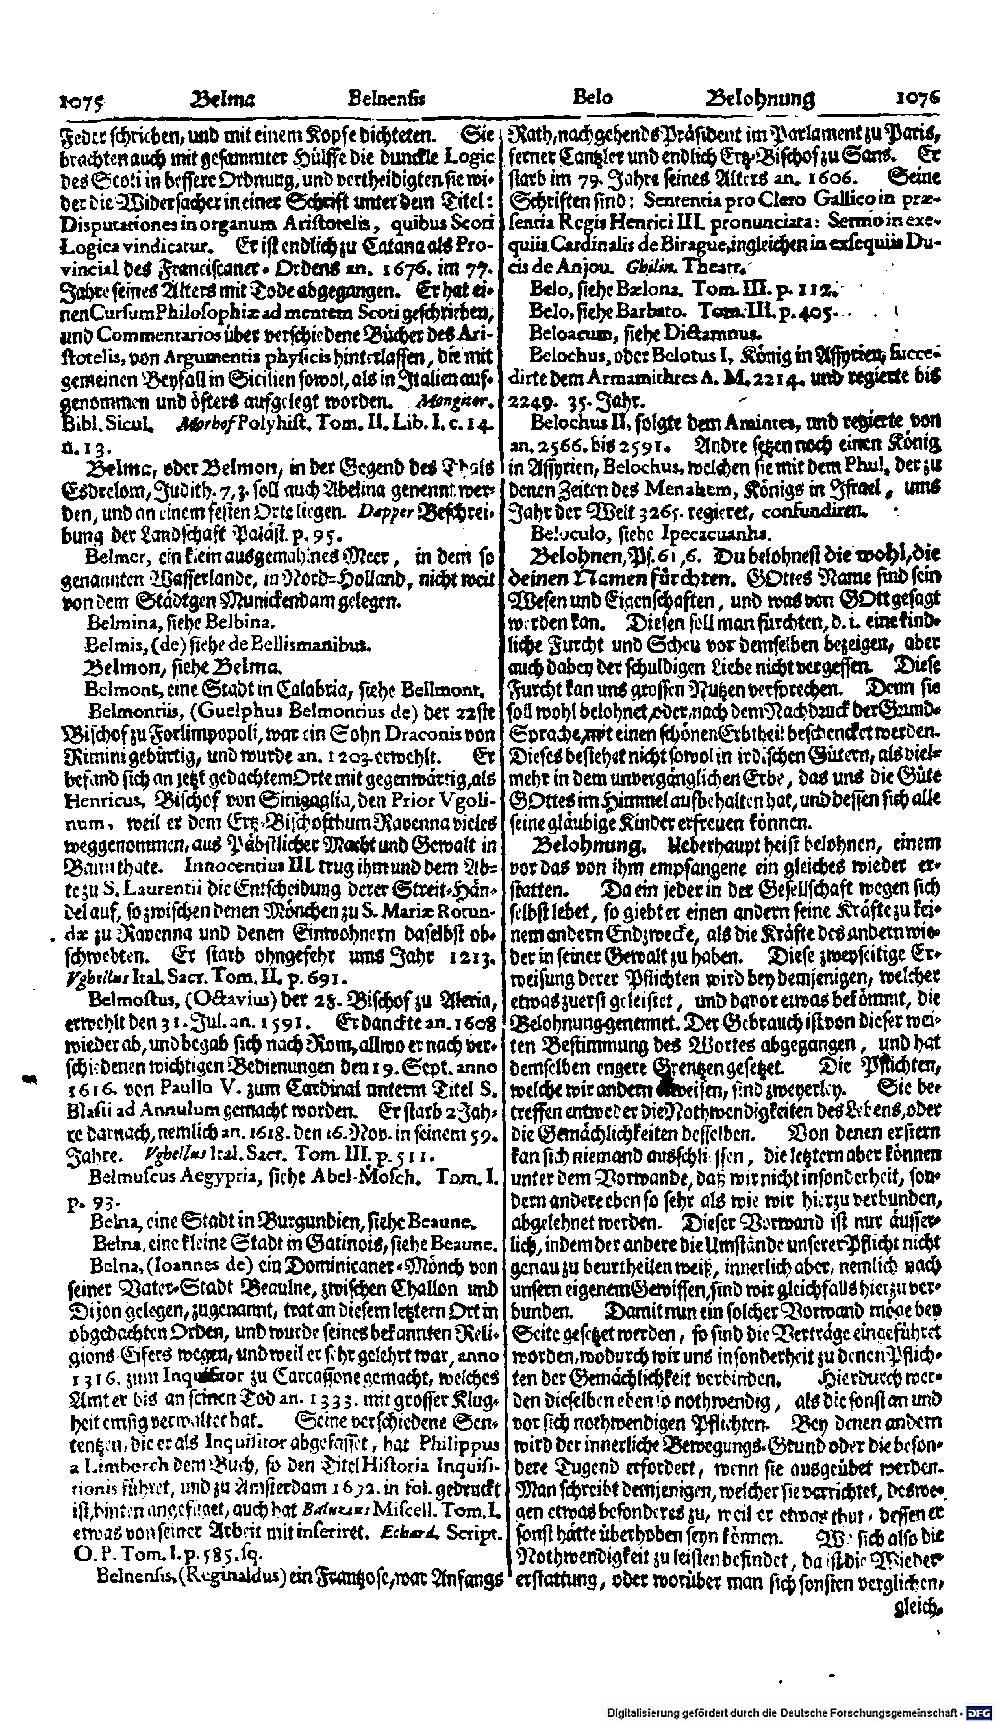 Bd. 03, Seite 0553.